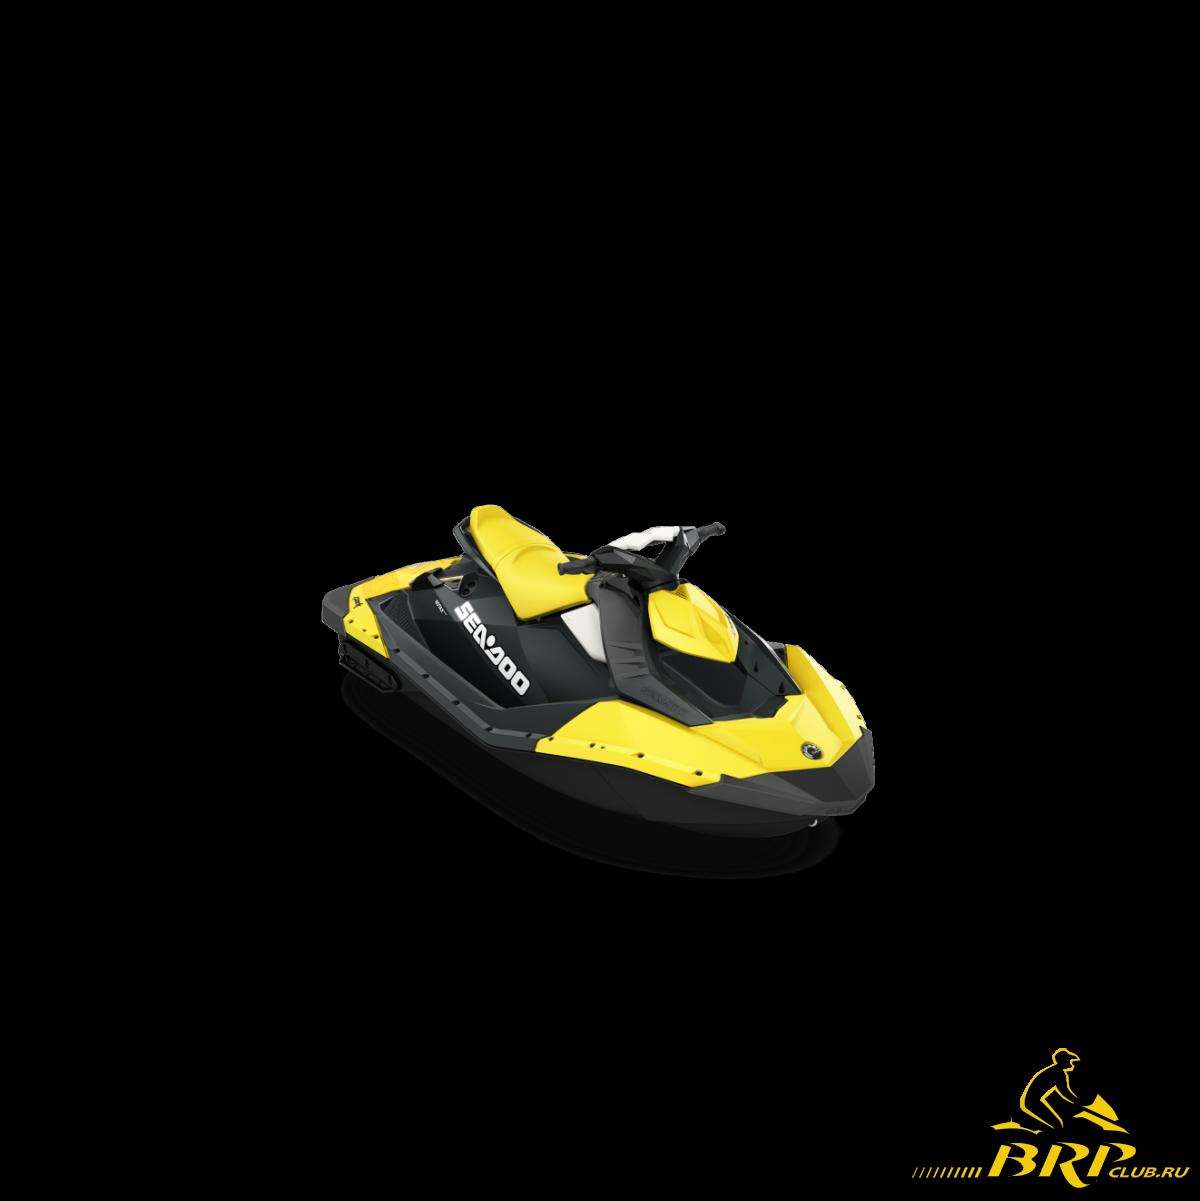 гидроциклспарк.png